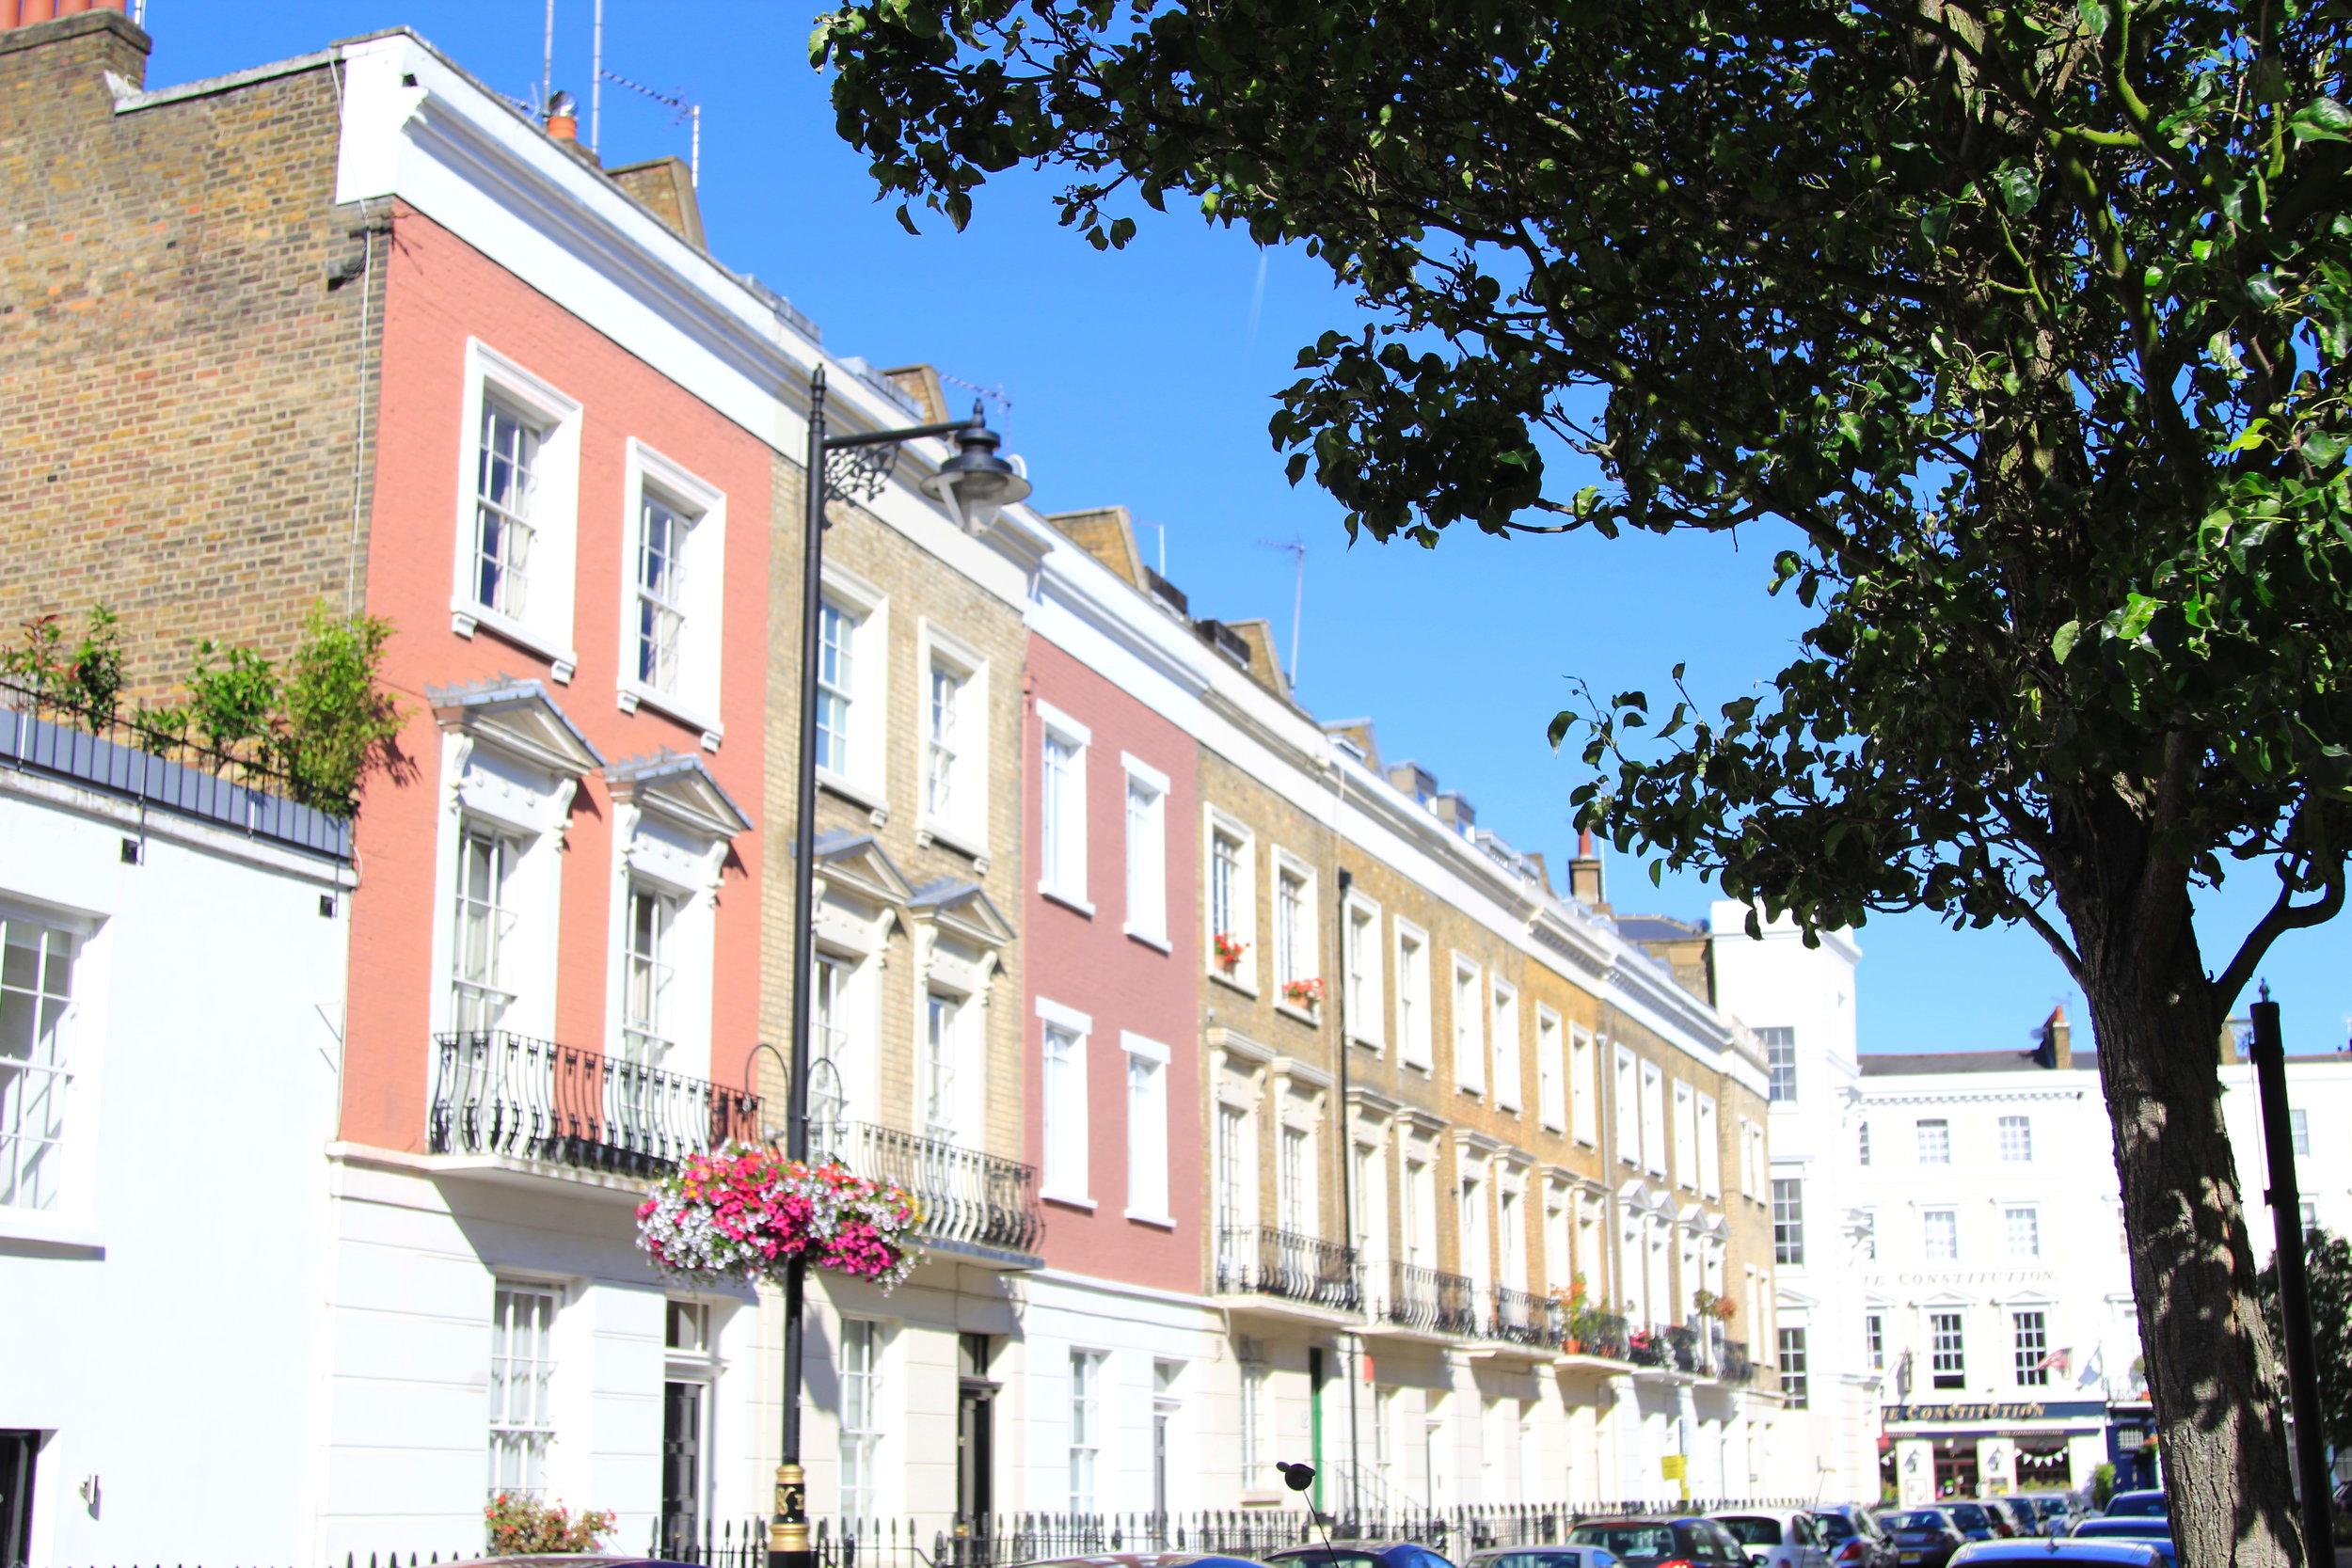 Pimlico, London